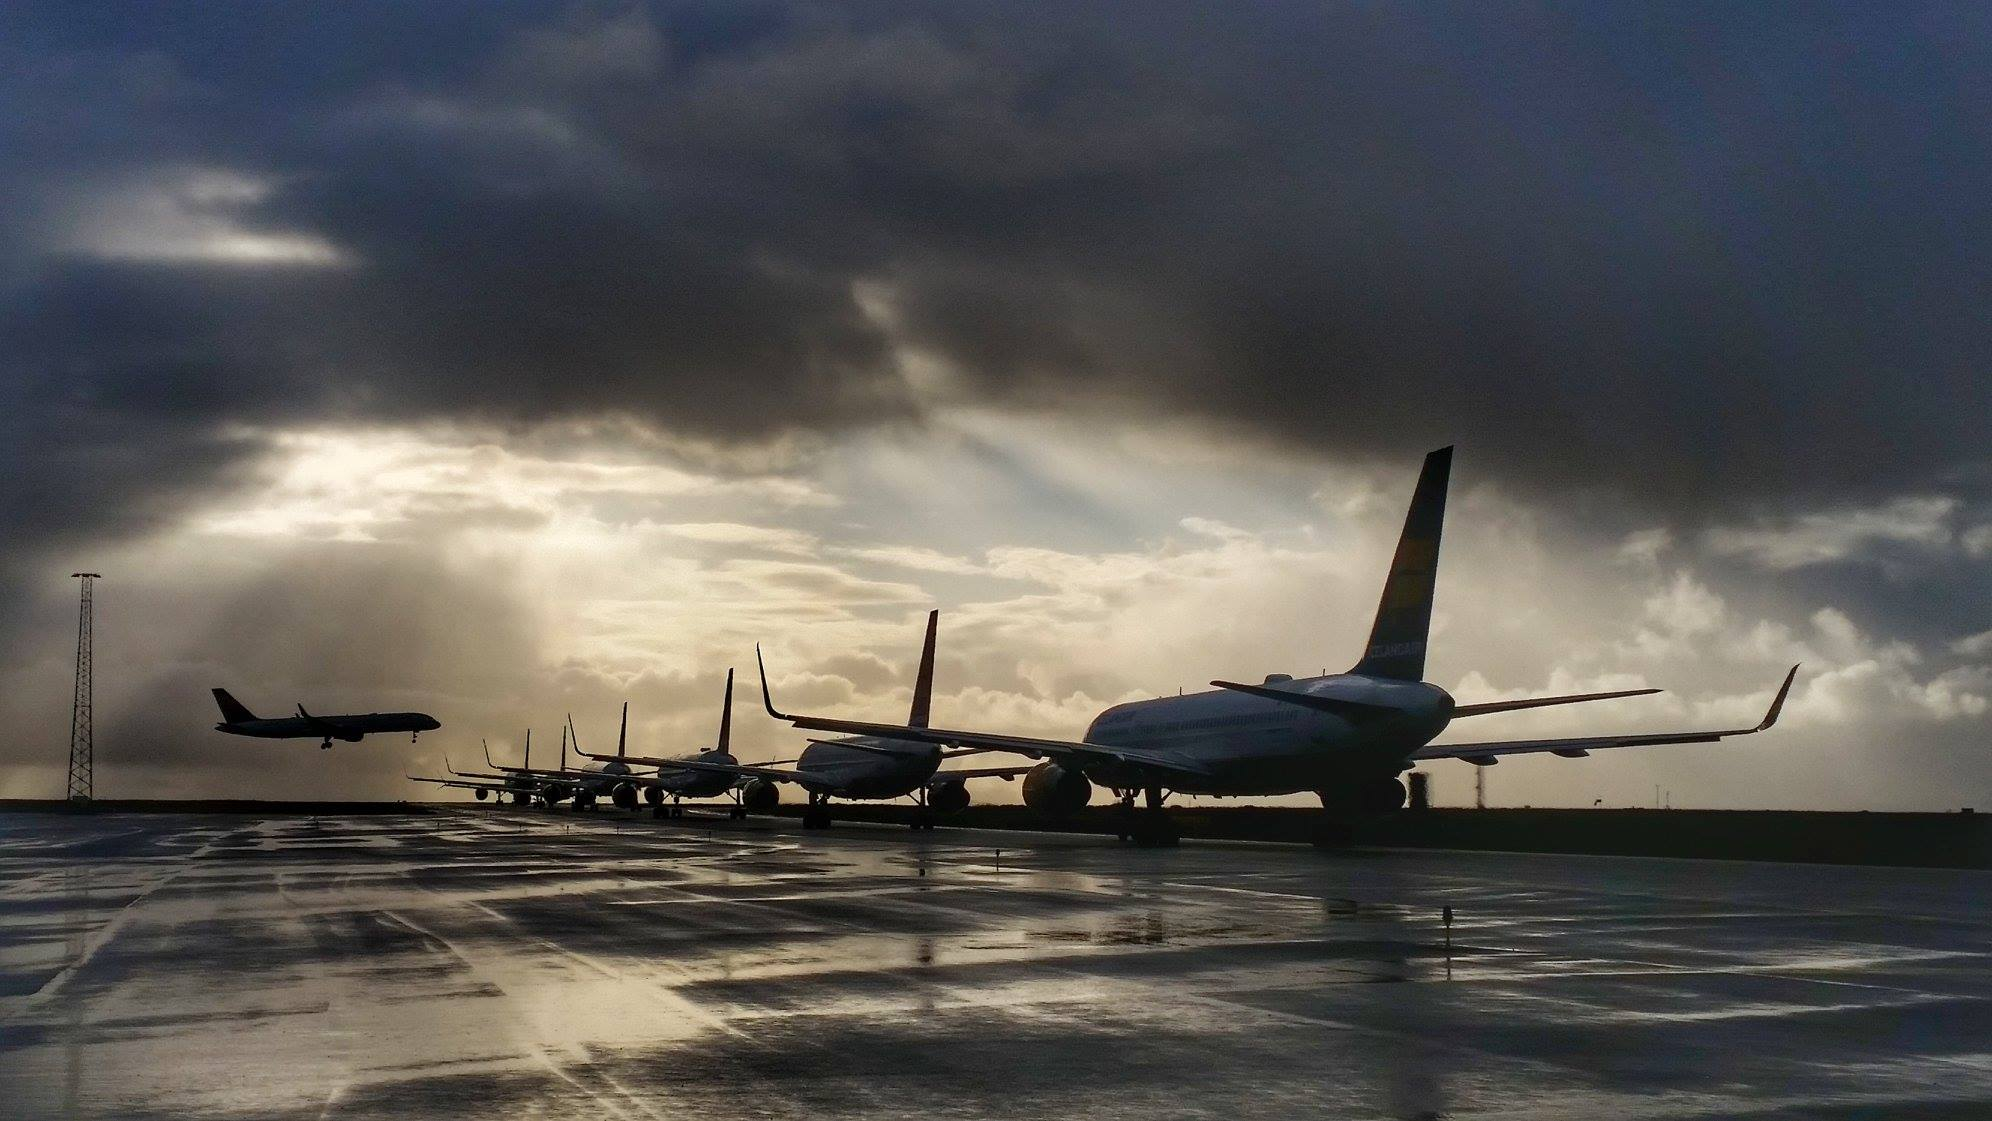 Line-up queue in Keflavik during morning departure on 2 september // Source: Friðrik Friðriksson